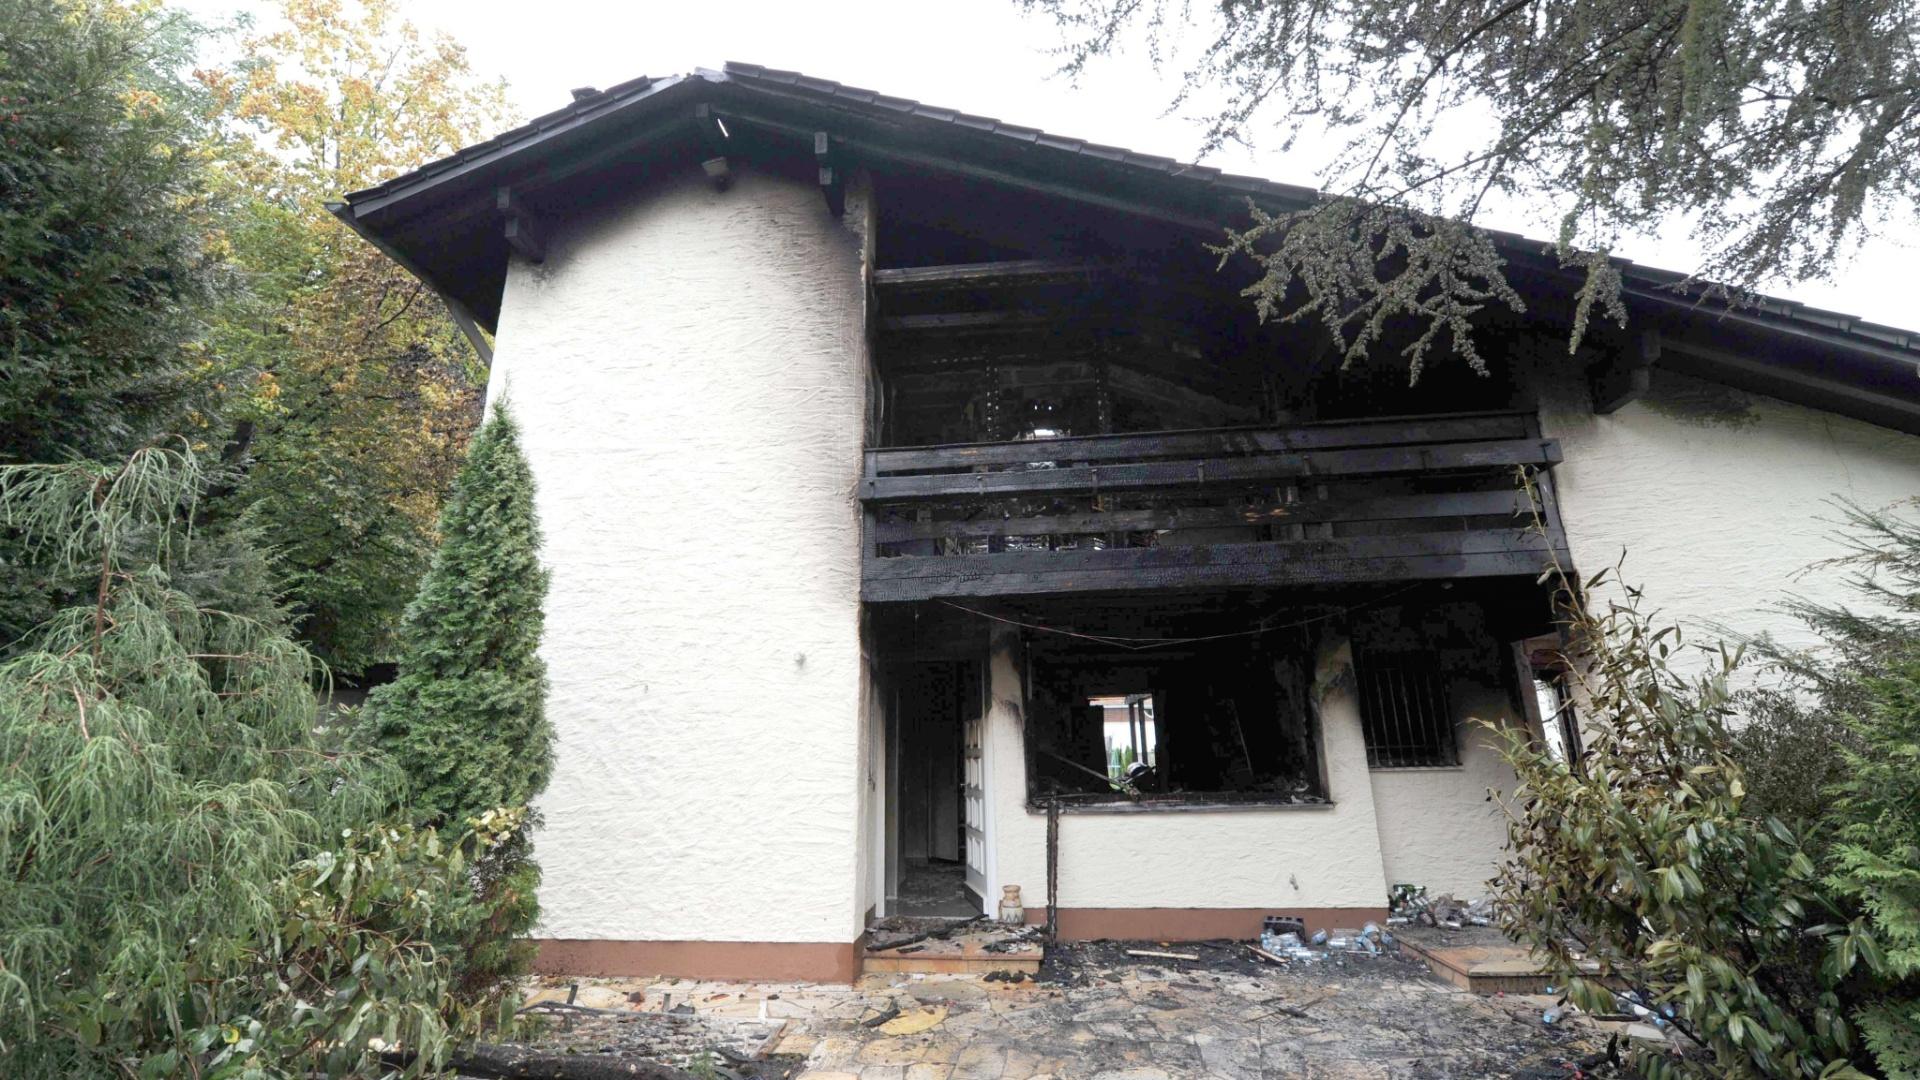 Nesta terça-feira, foi possível ver melhor o estrago provocado pelo incêndio na casa de Breno, zagueiro do Bayern de Munique. Jogador brasileiro foi socorrido, mas não teve ferimentos graves